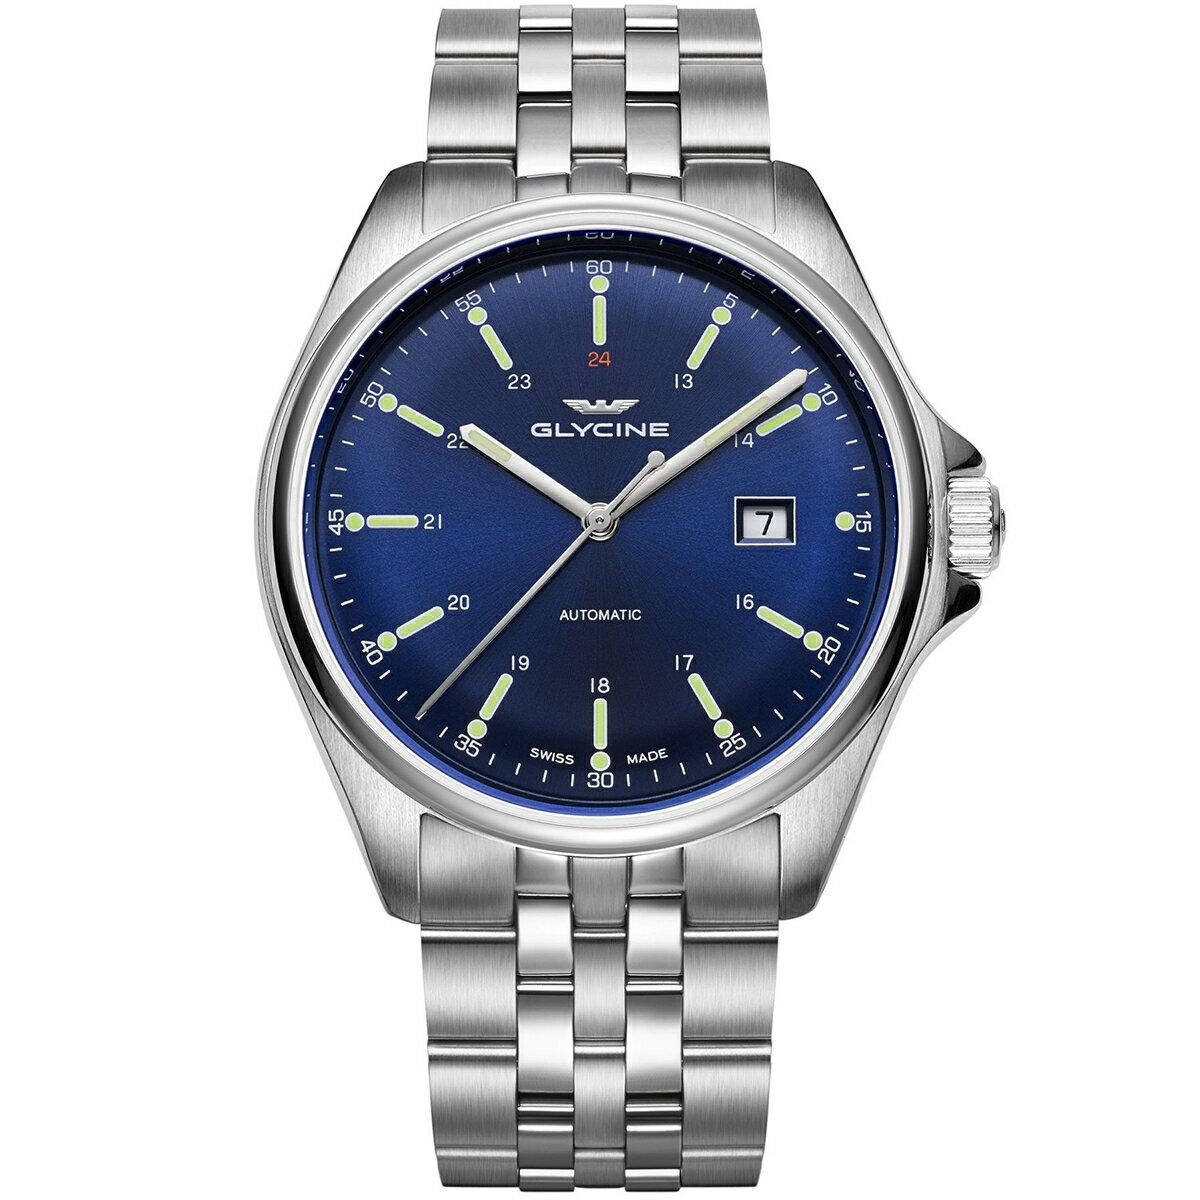 グライシン グリシン GLYCINE コンバット6 クラシック COMBAT 6 CLASSIC 43 GL0102 メンズ 時計 腕時計 自動巻き オートマチック スイス製 スイスメイド パイロット